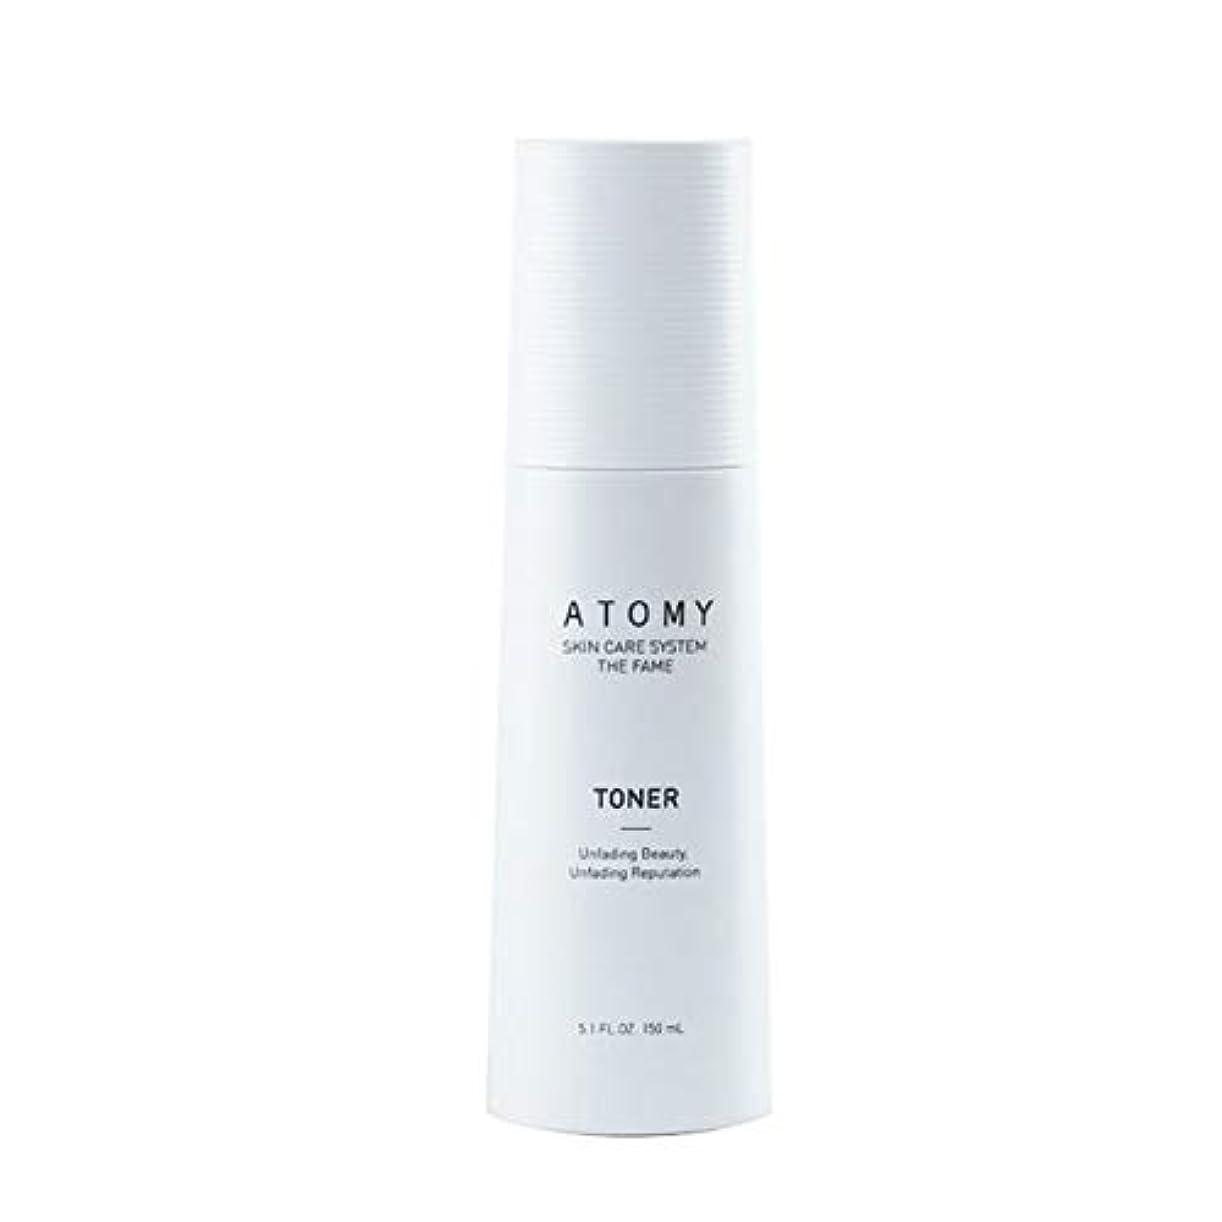 タービン切るリア王アトミザ?フェームトナー150ml韓国コスメ、Atomy The Fame Toner 150ml Korean Cosmetics [並行輸入品]